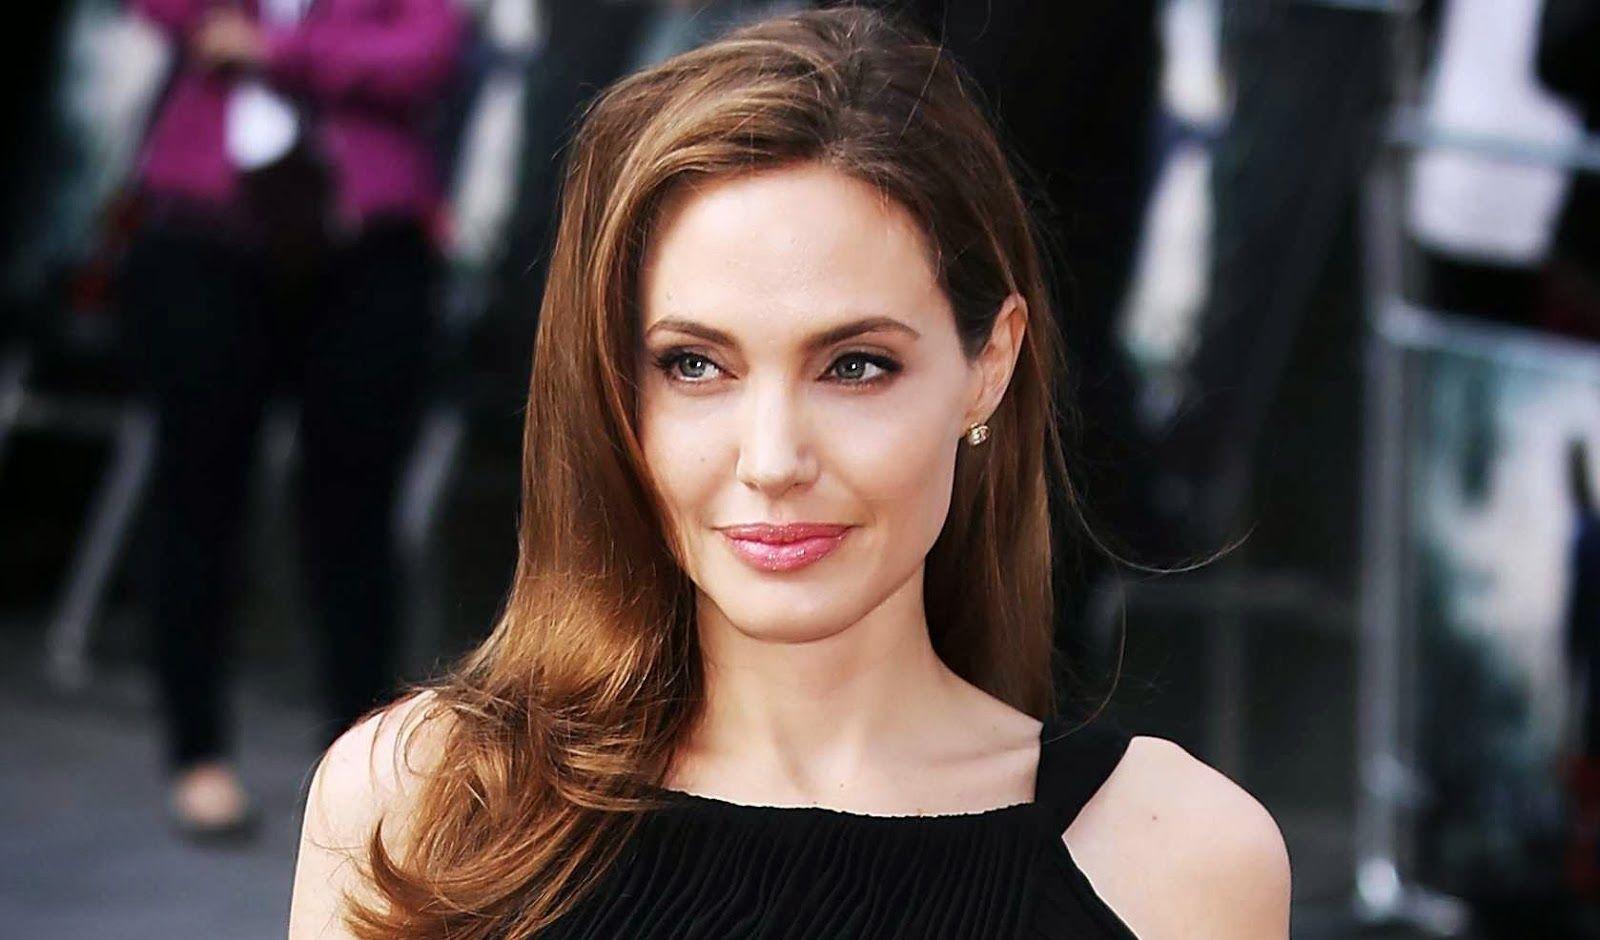 Дочь Анджелины Джоли выпустила ювелирную коллекцию